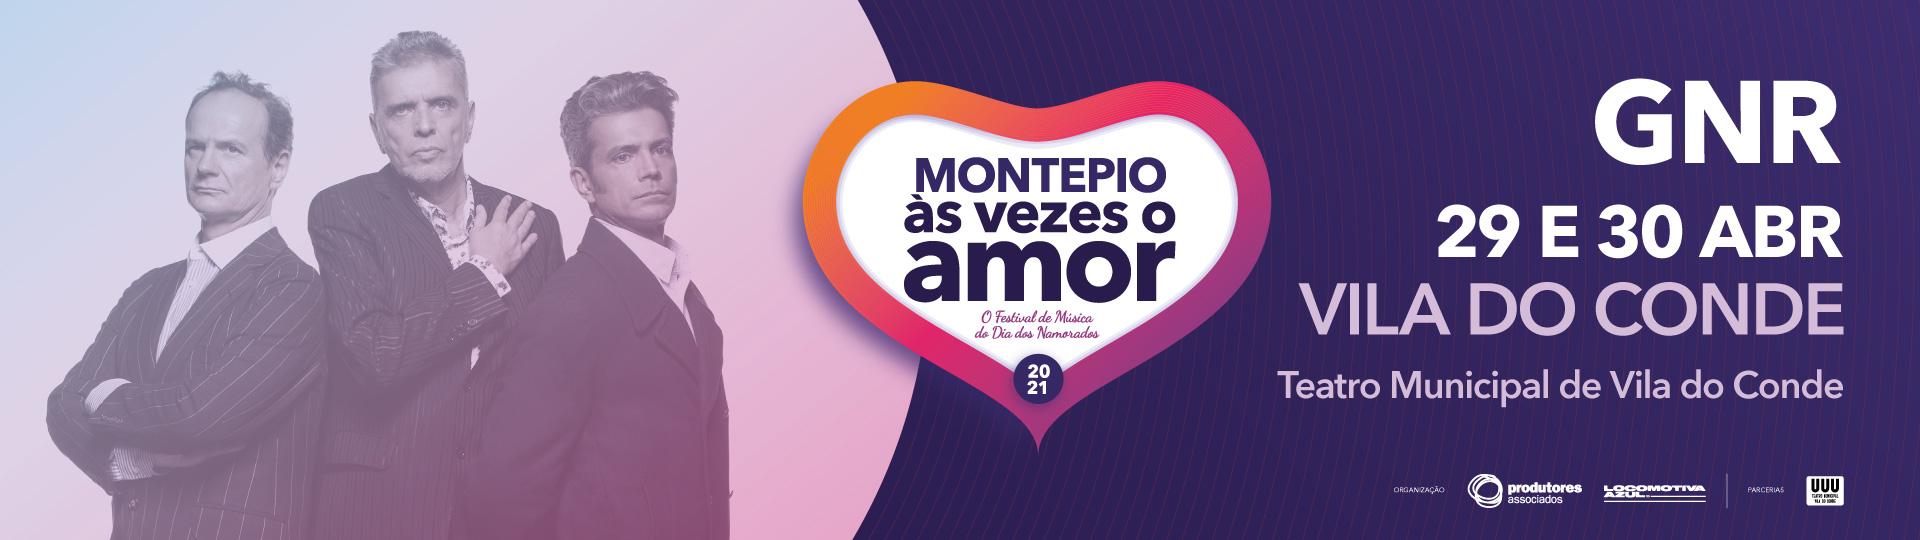 GNR | FESTIVAL MONTEPIO